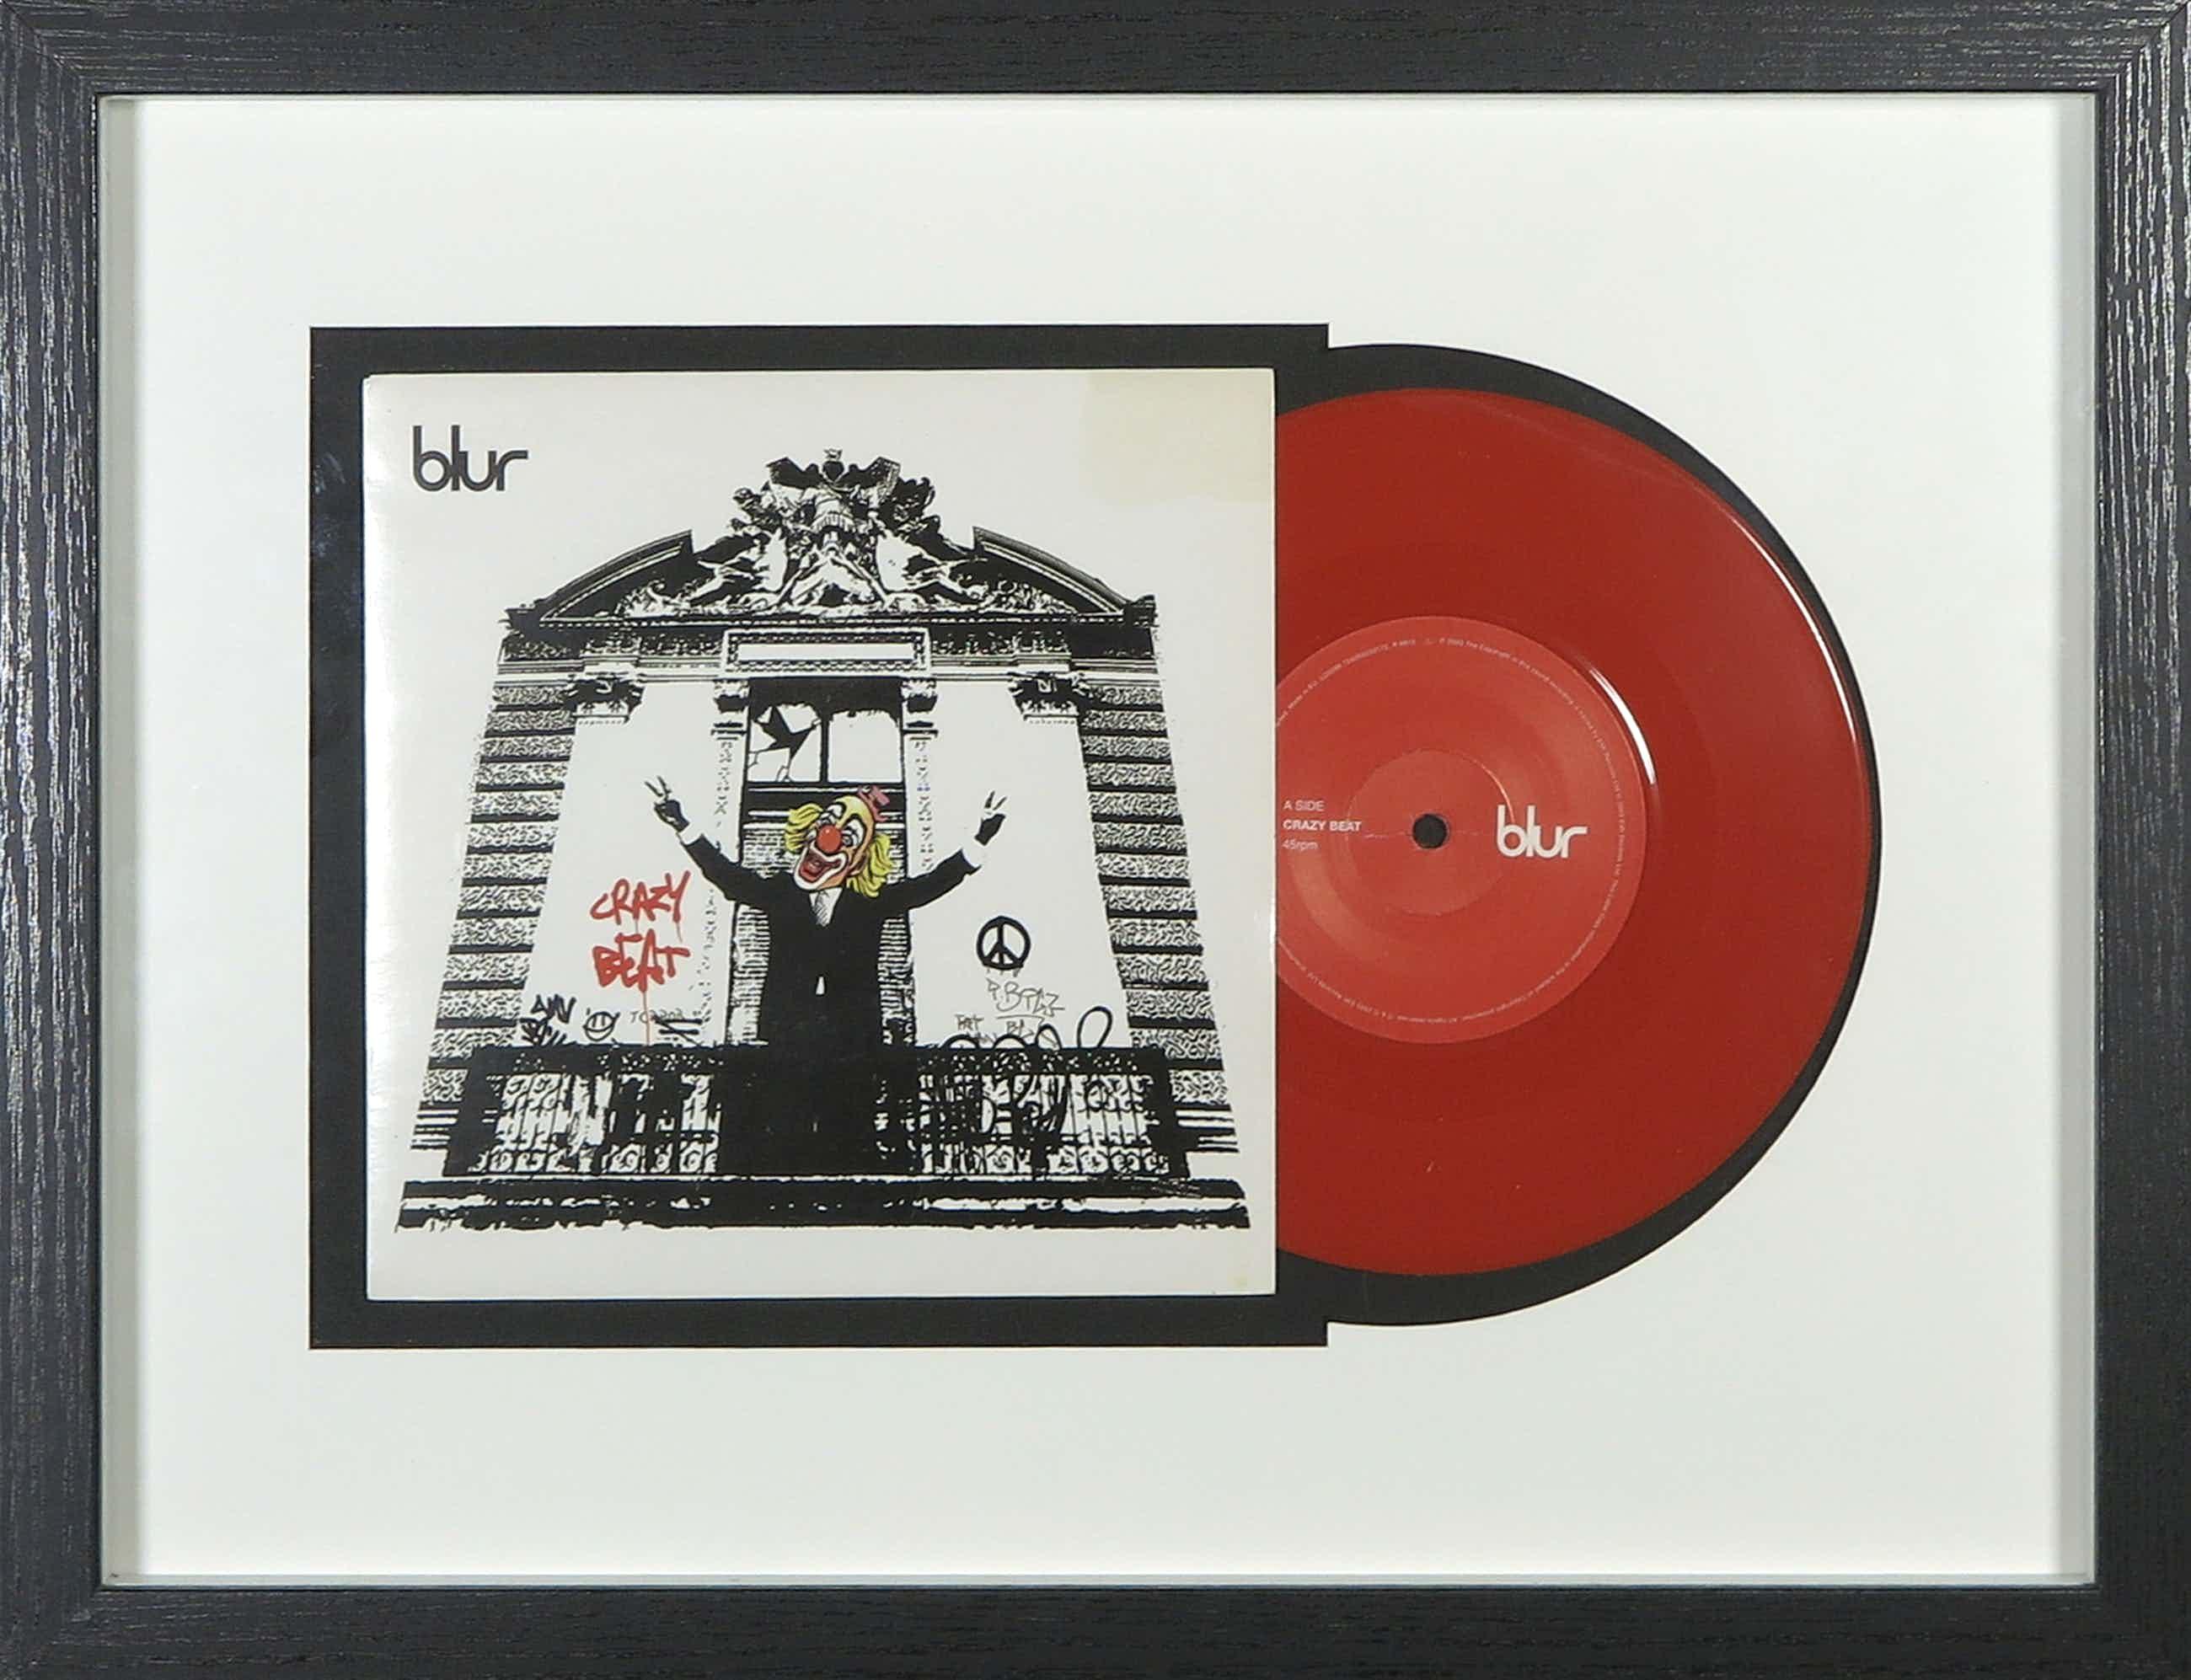 Banksy - Single van Blur met hoesontwerp van Banksy - Crazy Beat - Ingelijst kopen? Bied vanaf 445!